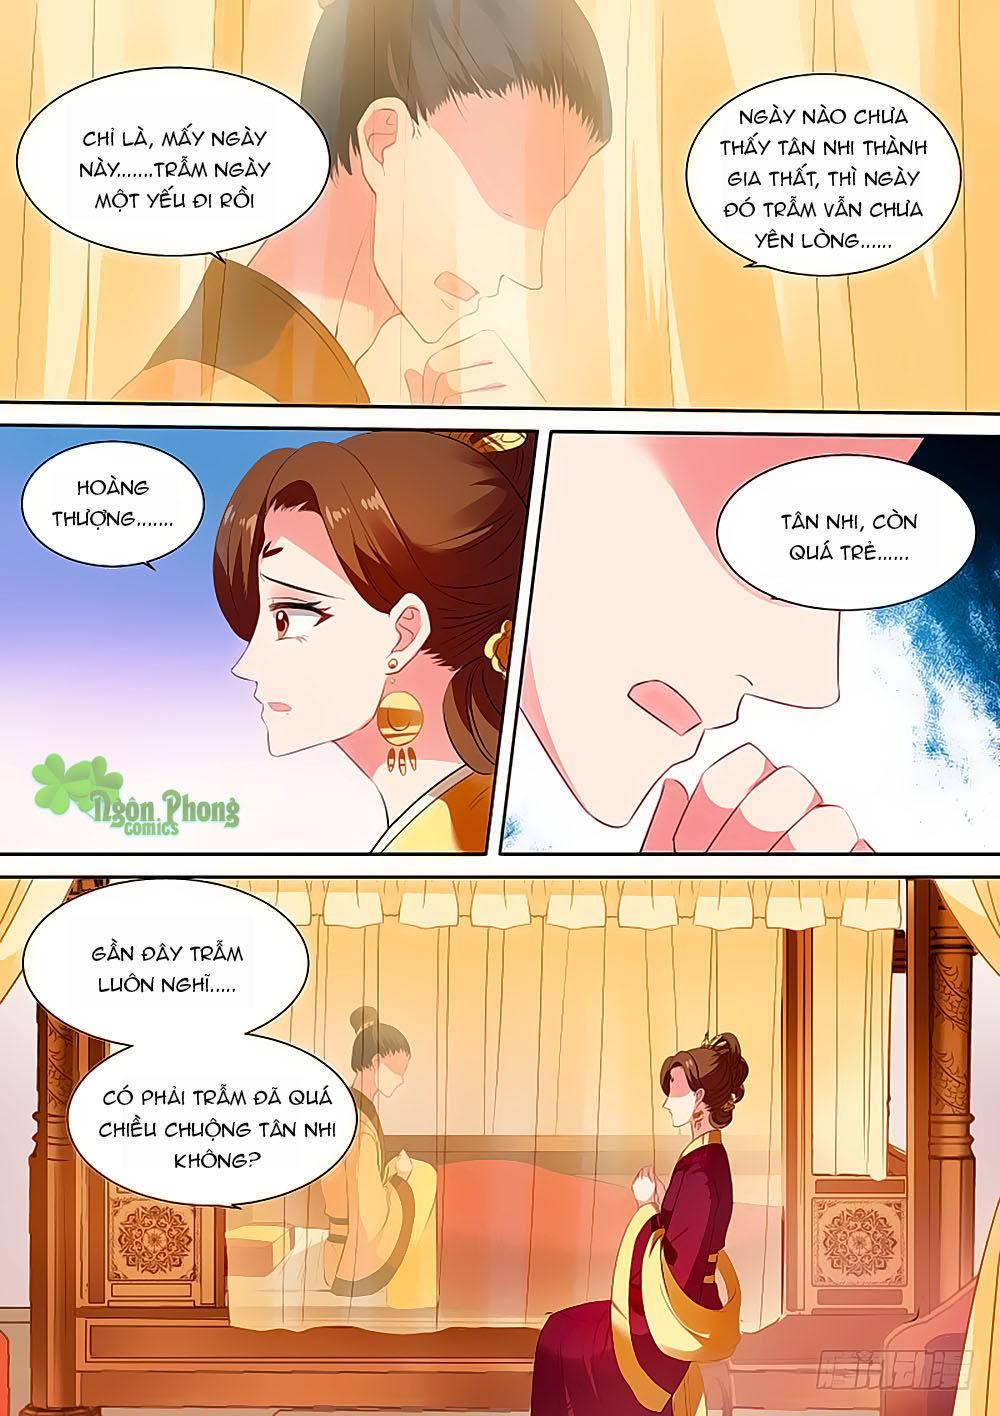 Hệ Thống Chế Tạo Nữ Thần chap 103 - Trang 5